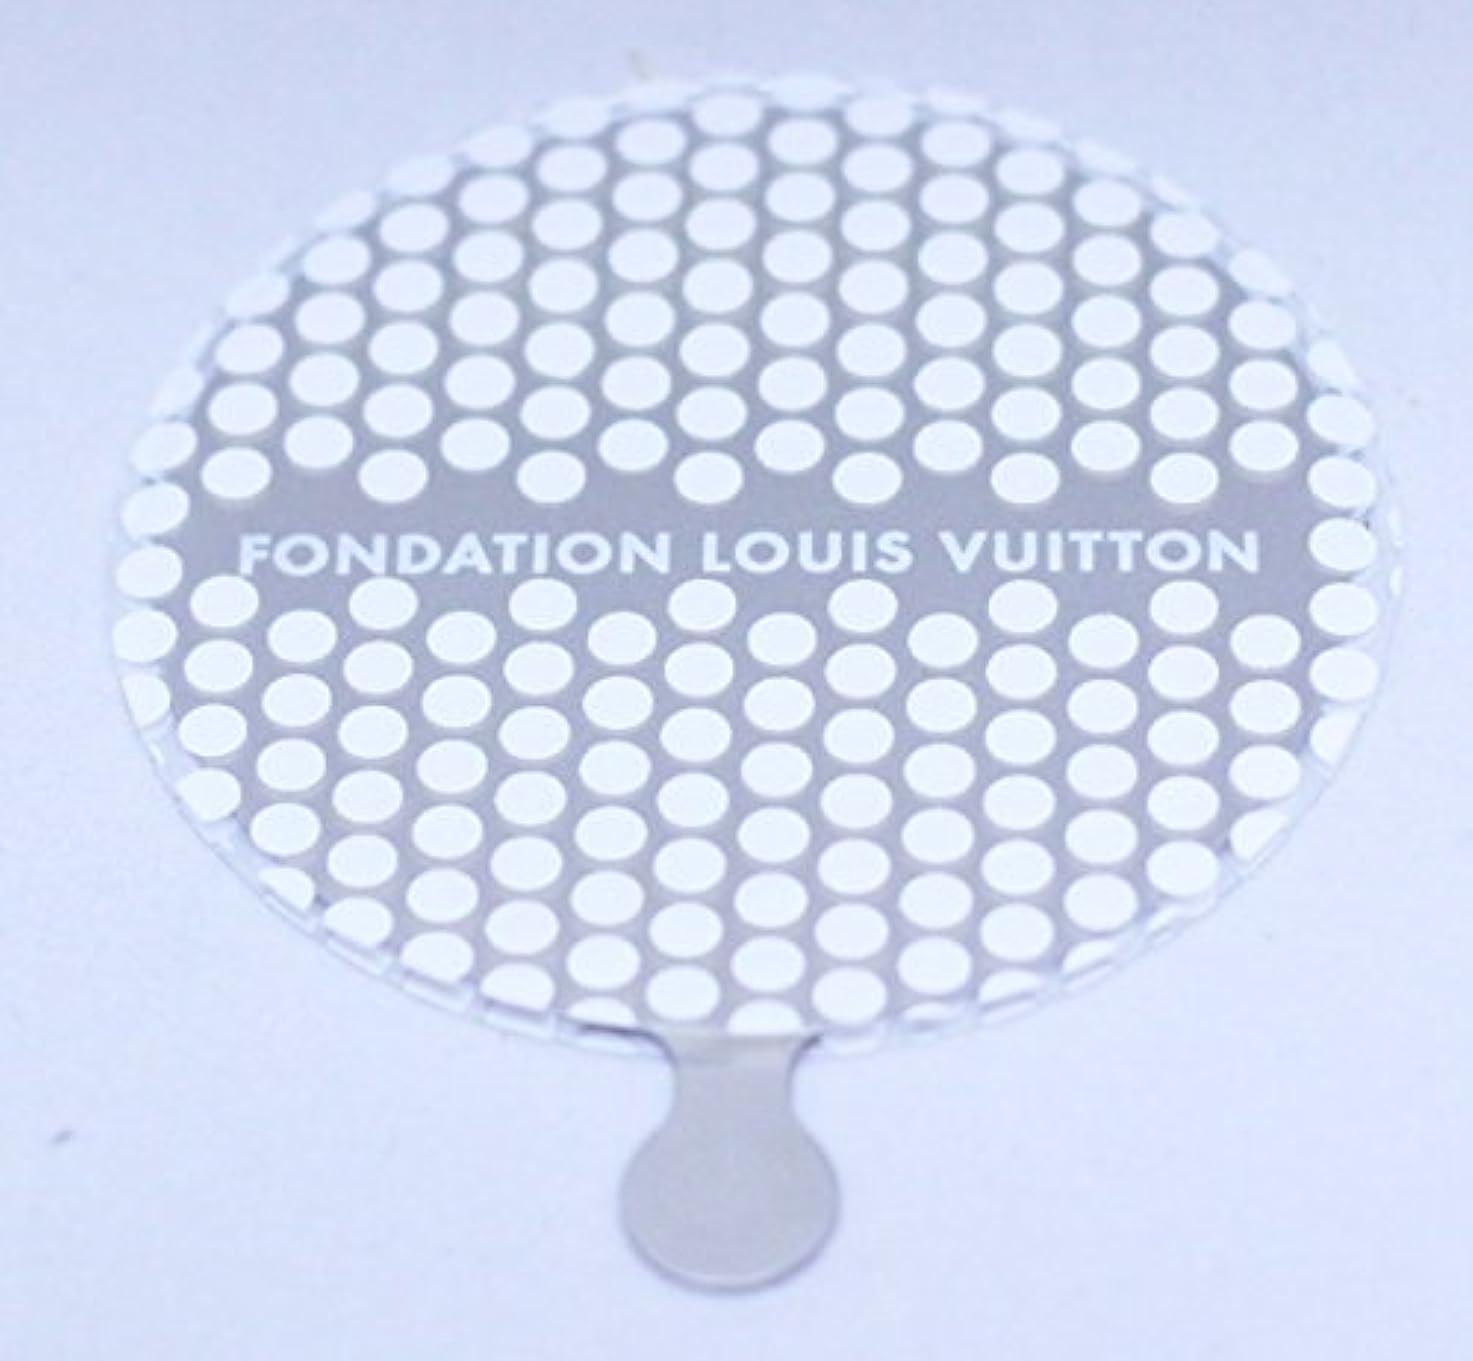 批評流行ボイコットルイヴィトン財団 美術館 限定 FONDATION LOUIS VUITTON ハンドミラー [並行輸入品]